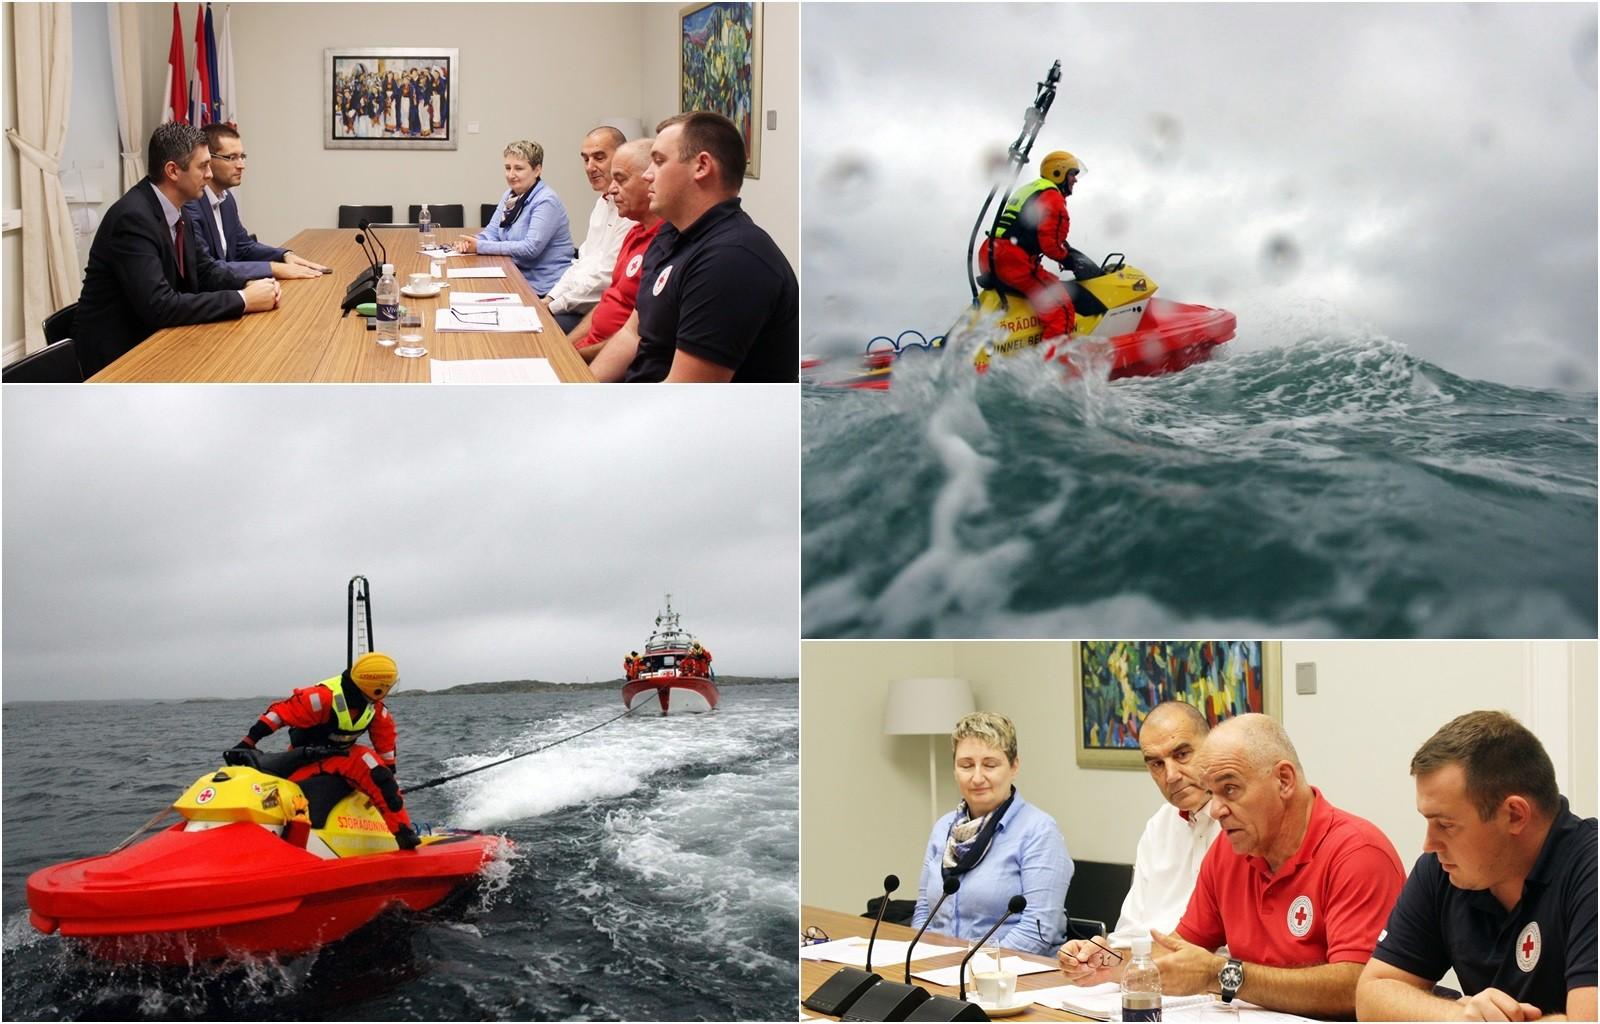 Grad će financirati nabavku skutera za potragu i spašavanje na moru dubrovačkog Crvenog križa